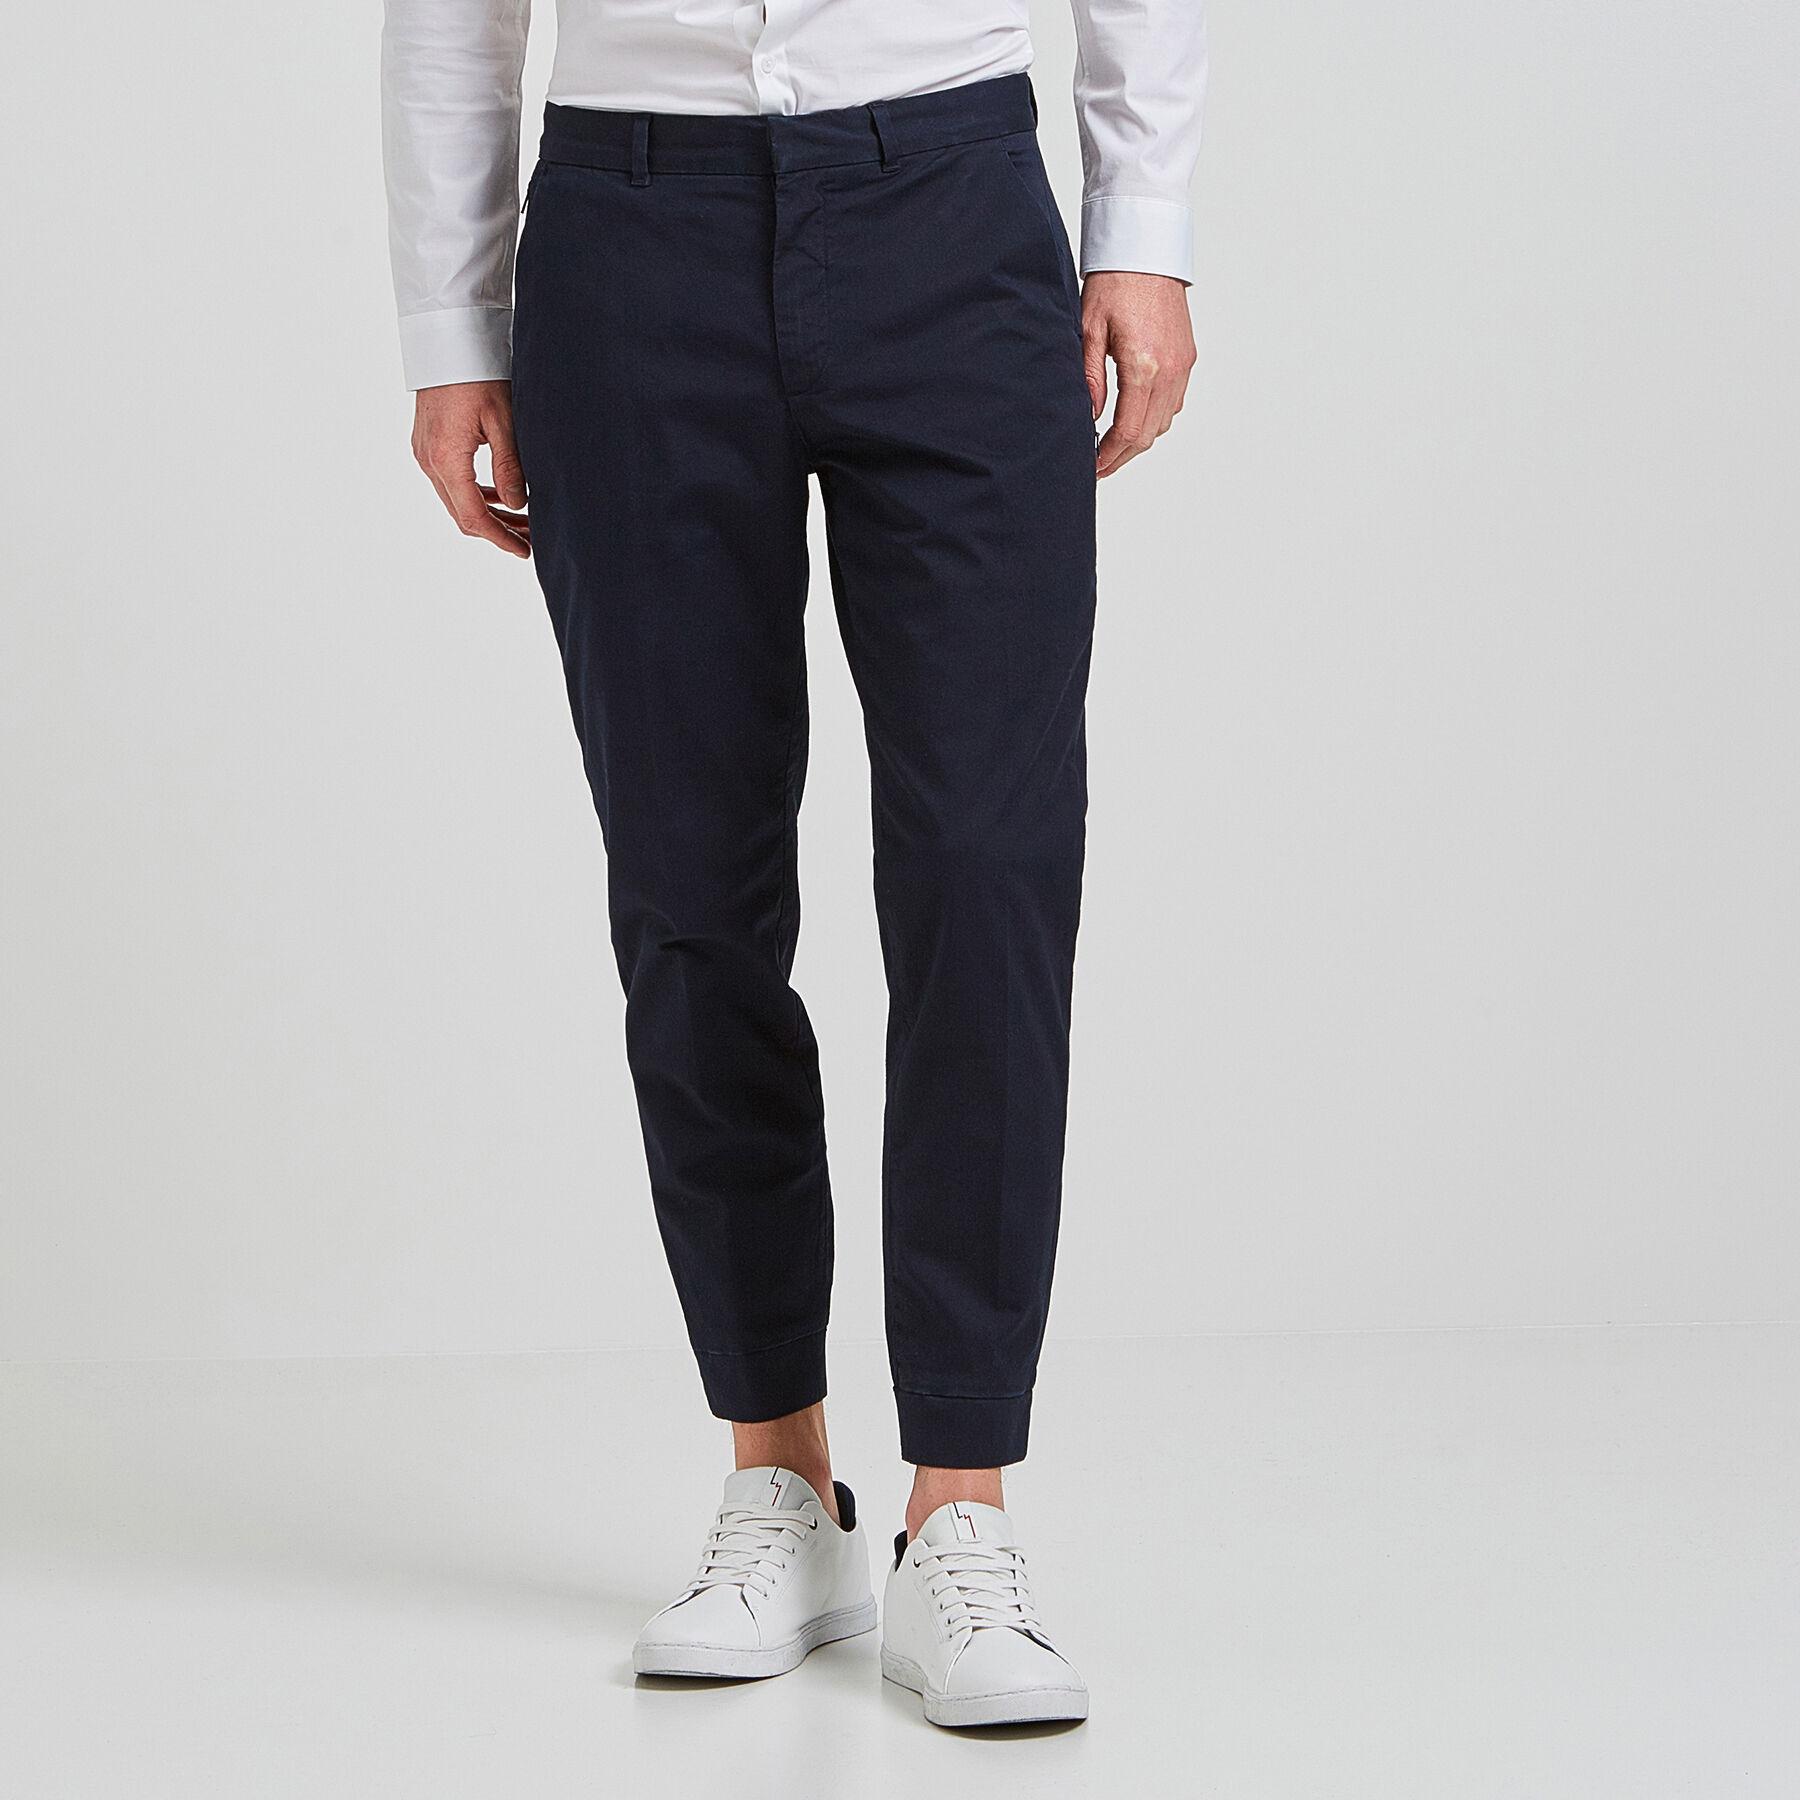 pantalon jogging bleu marine homme jules. Black Bedroom Furniture Sets. Home Design Ideas